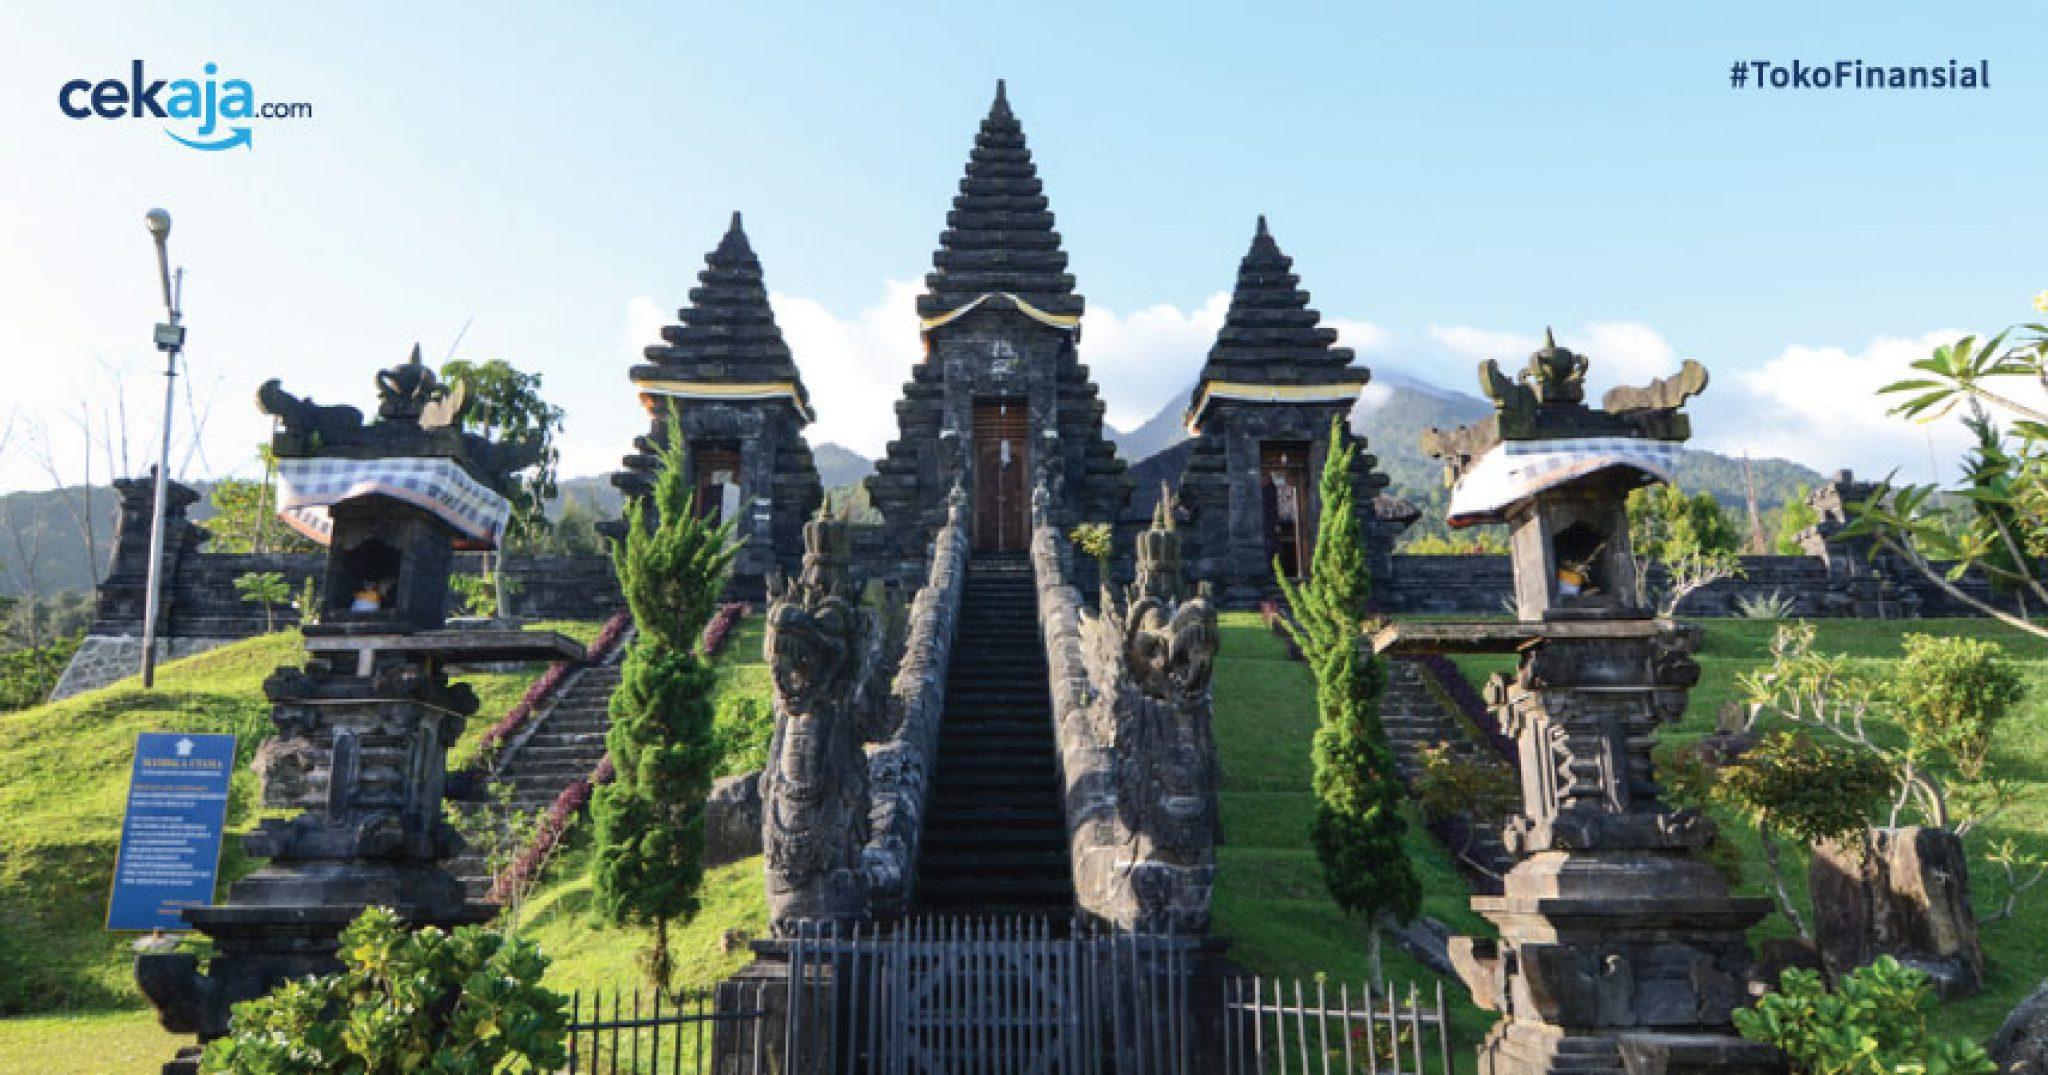 Liburan ke Bali - CekAja